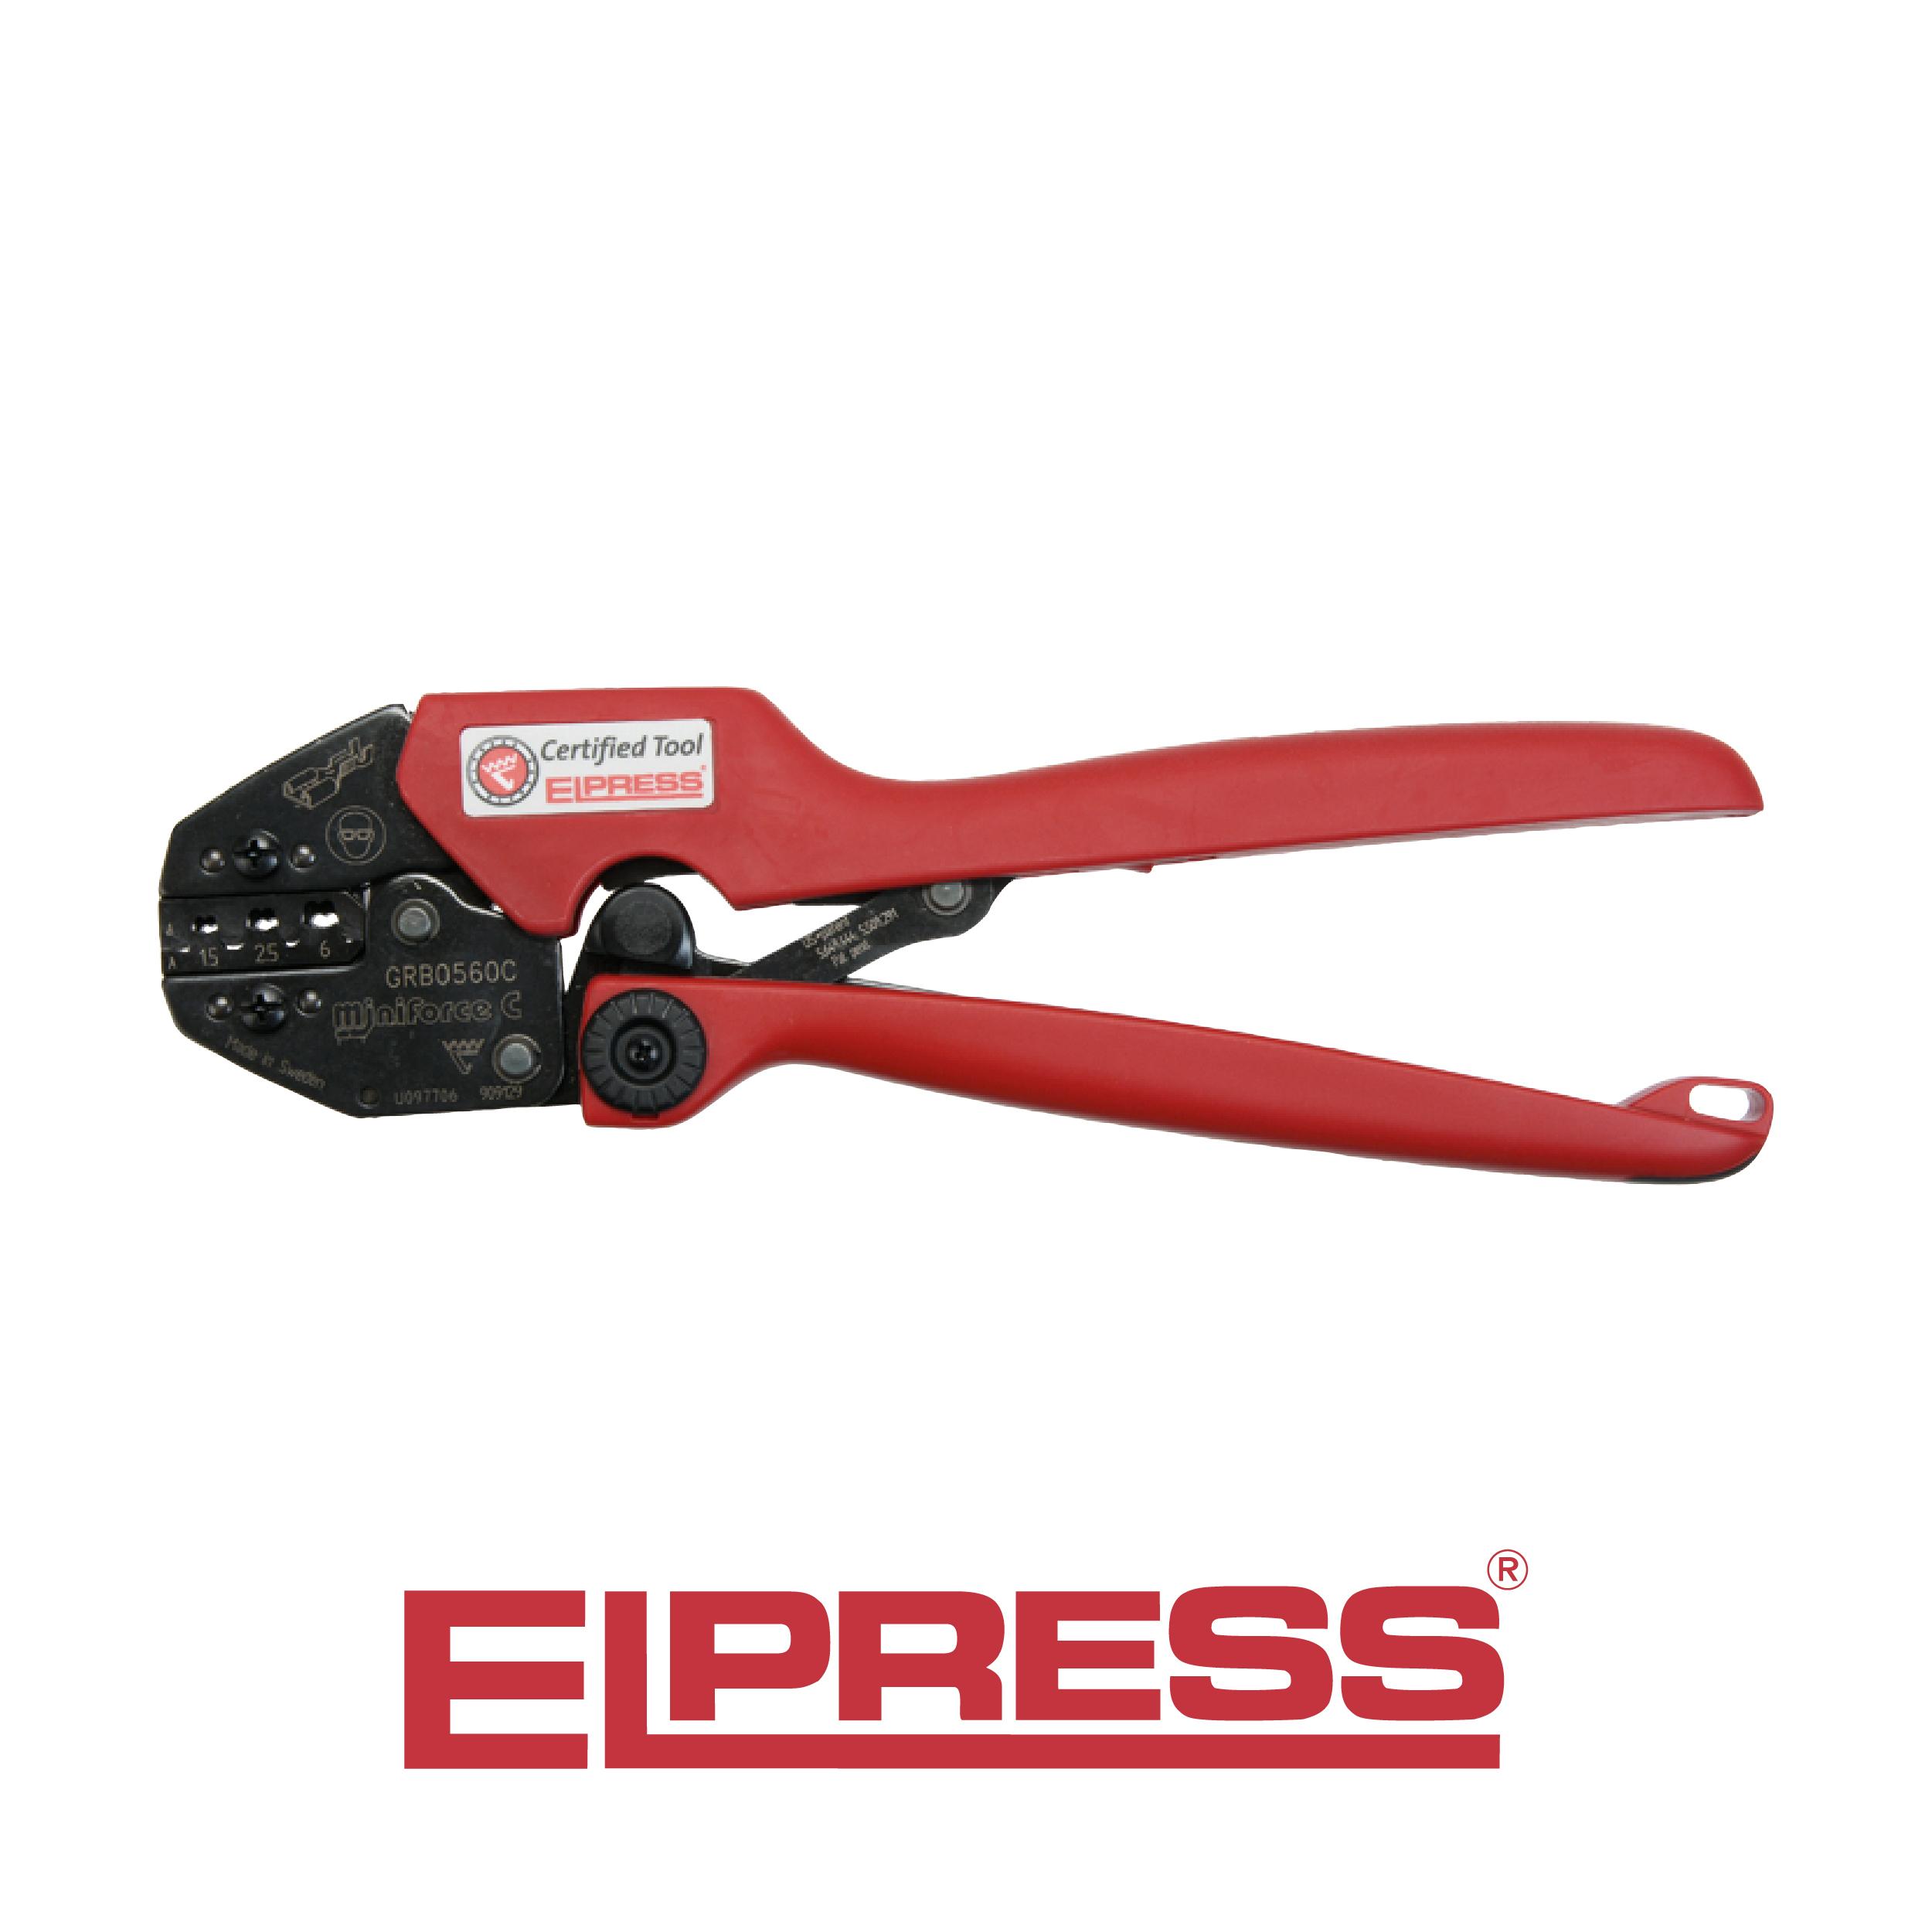 elpress miniforce crimp tool grb0560c range 0 5 6mm e tech components. Black Bedroom Furniture Sets. Home Design Ideas